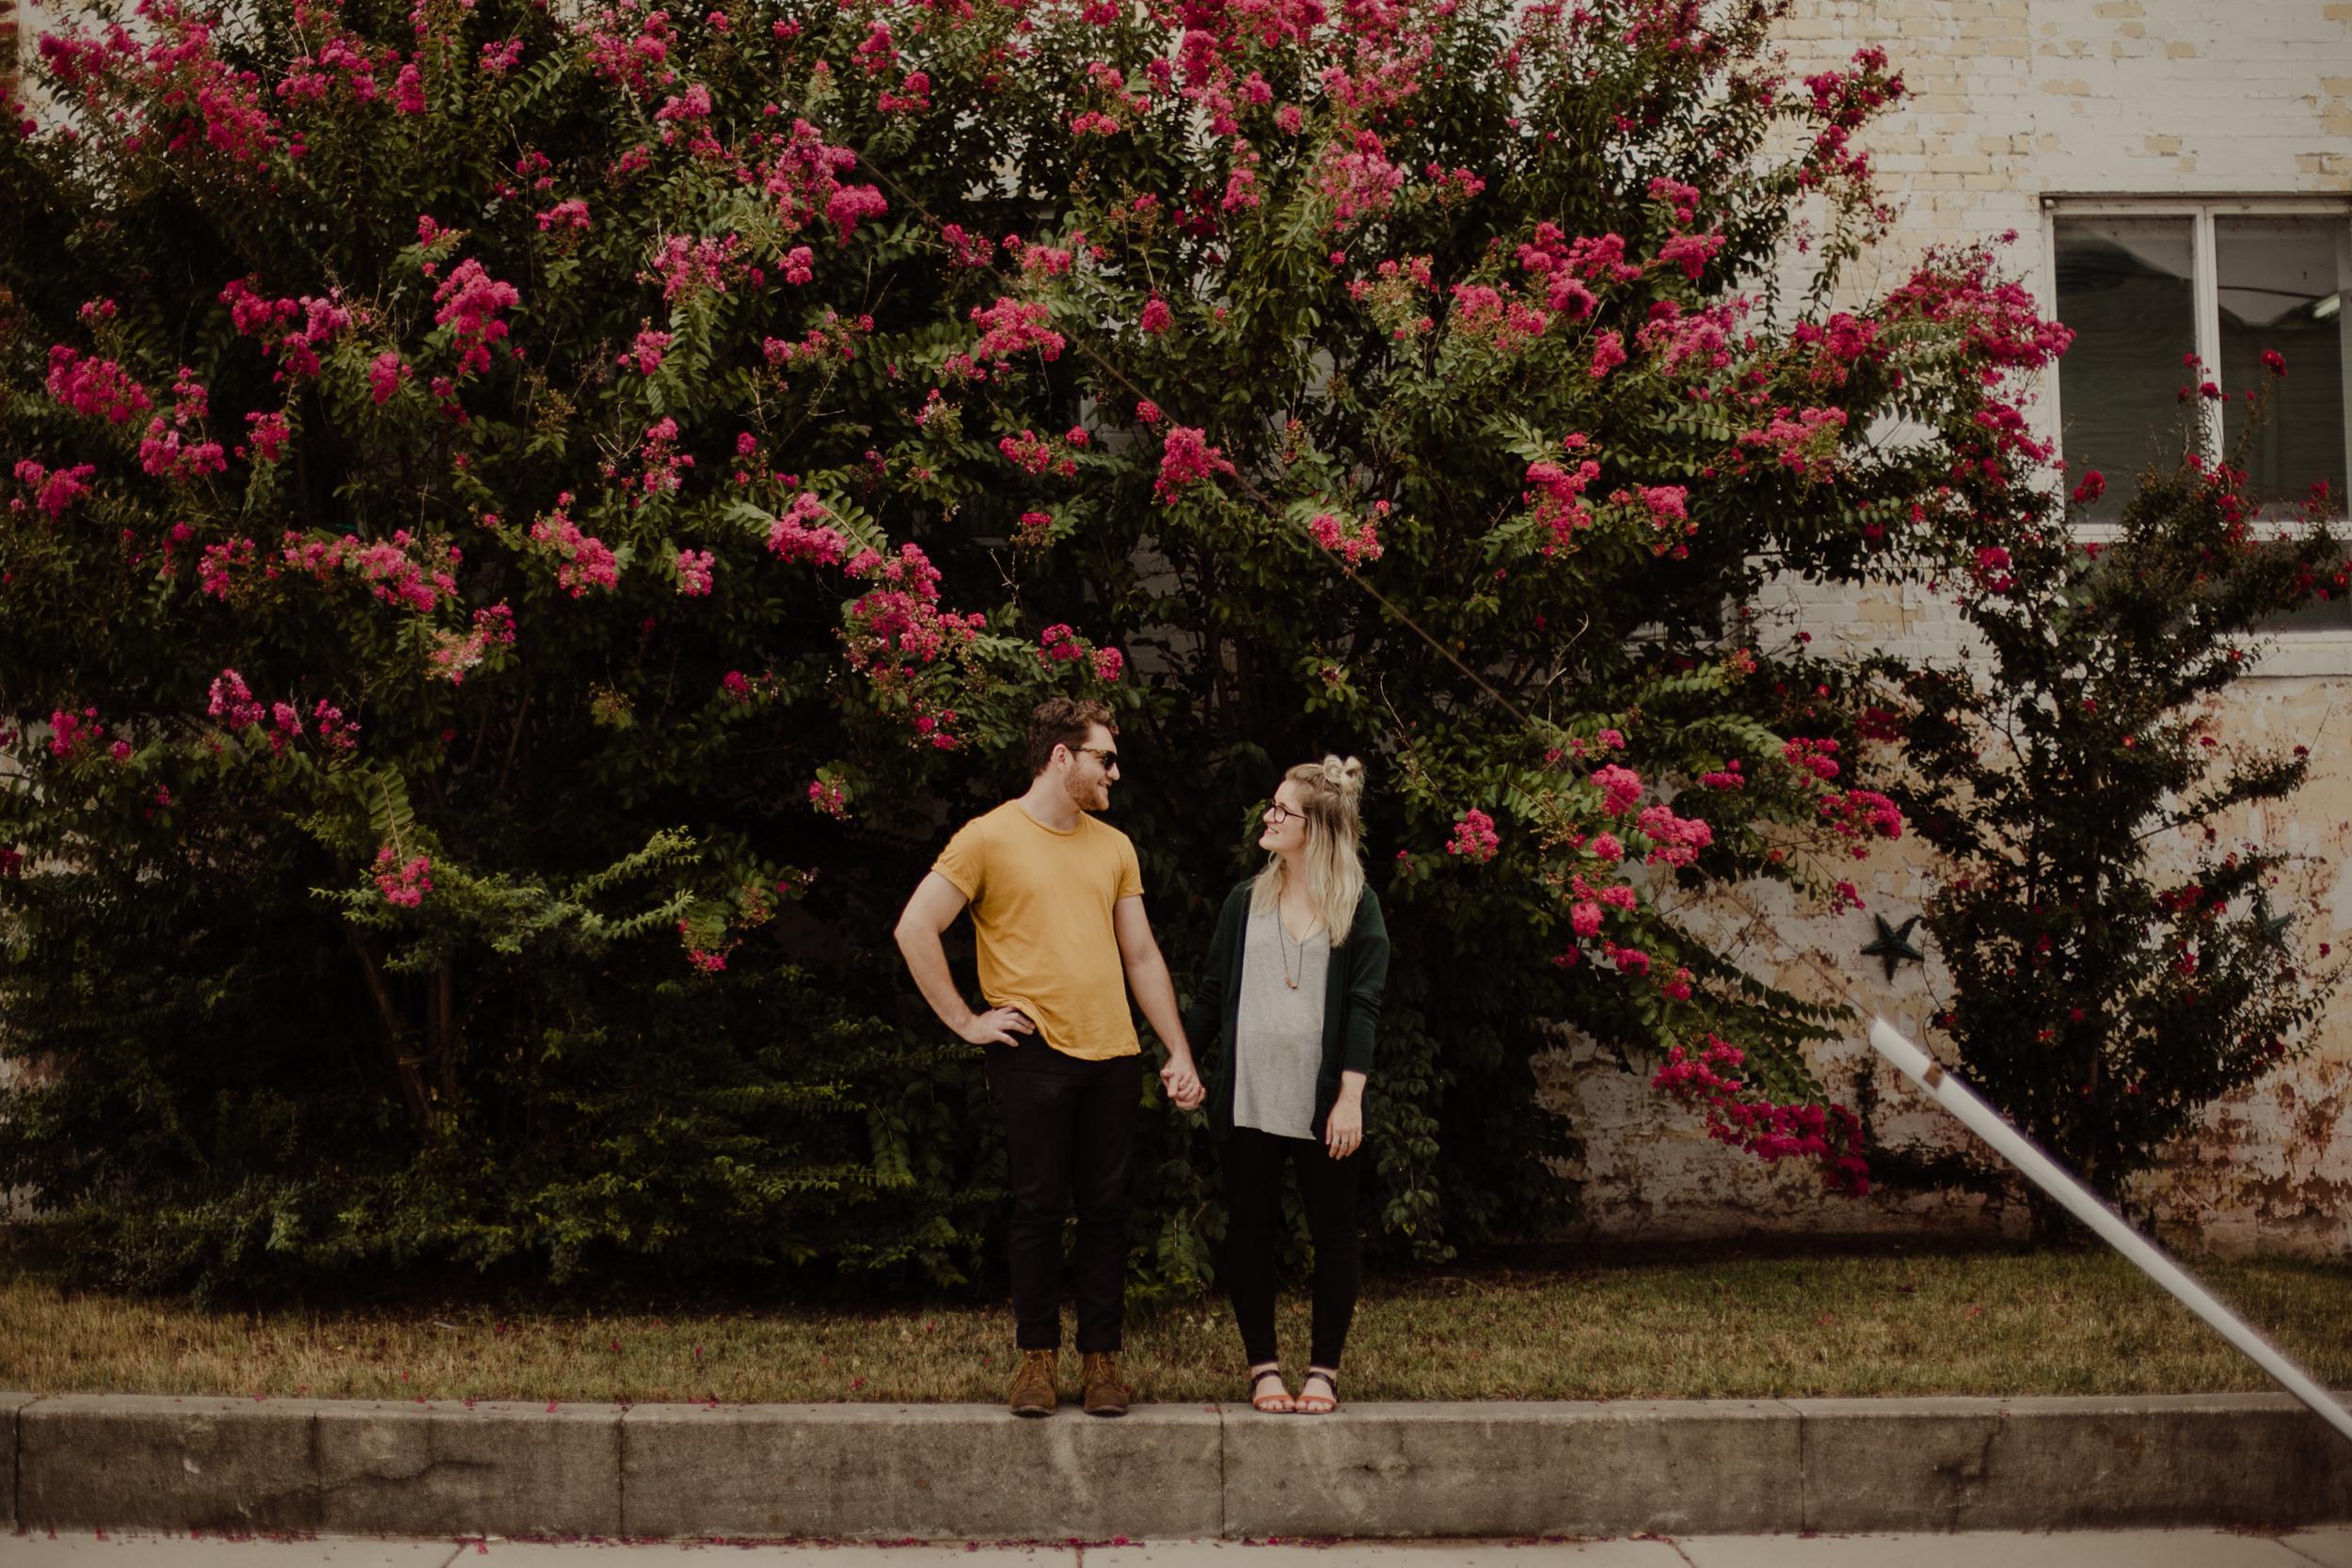 Chelsea + Brent Nashville Engagement Session Photography Anthology Wedding Photographer-1.jpg